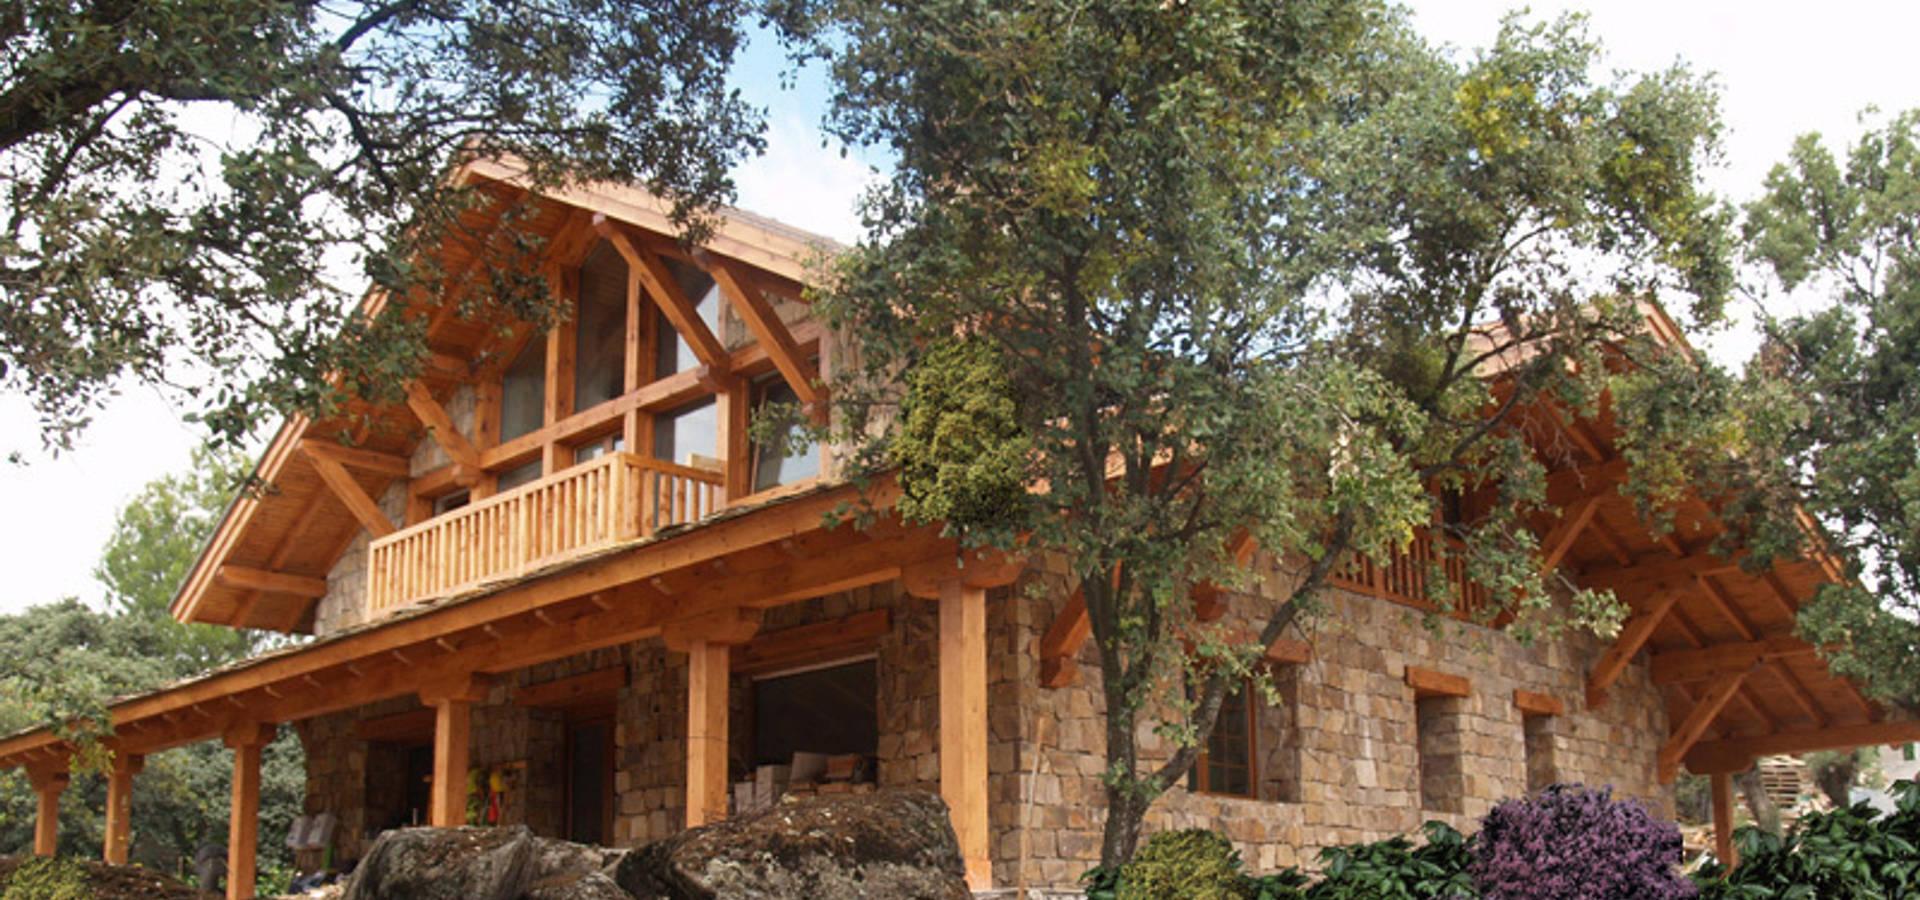 La casa del tejado hasta el suelo becerril de la sierra madrid par manuel monroy arquitecto - Maison s par domenack arquitectos ...